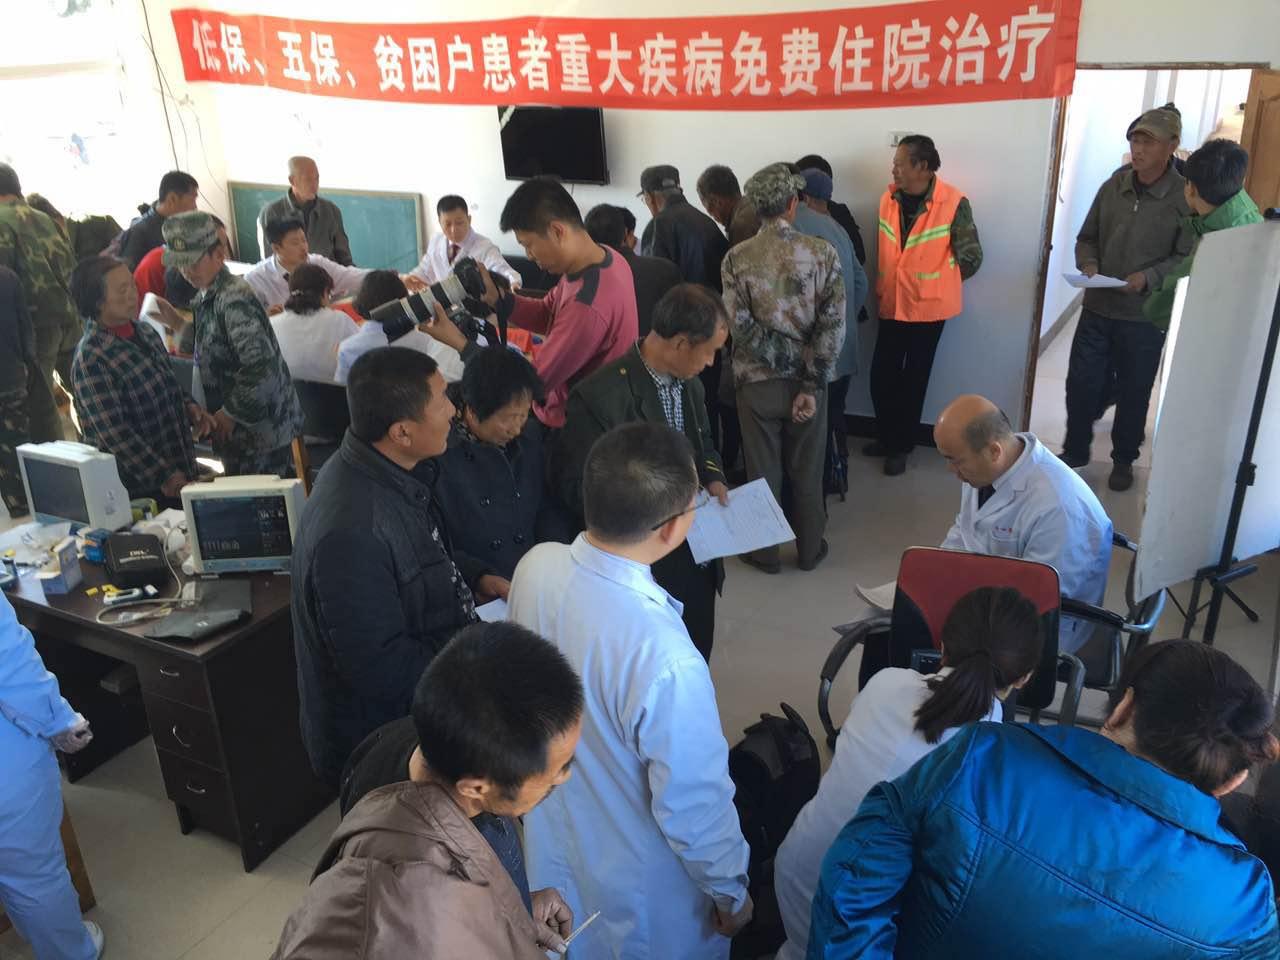 辽阳市中心医院精准扶贫医疗队员深入贫困乡镇走村入户